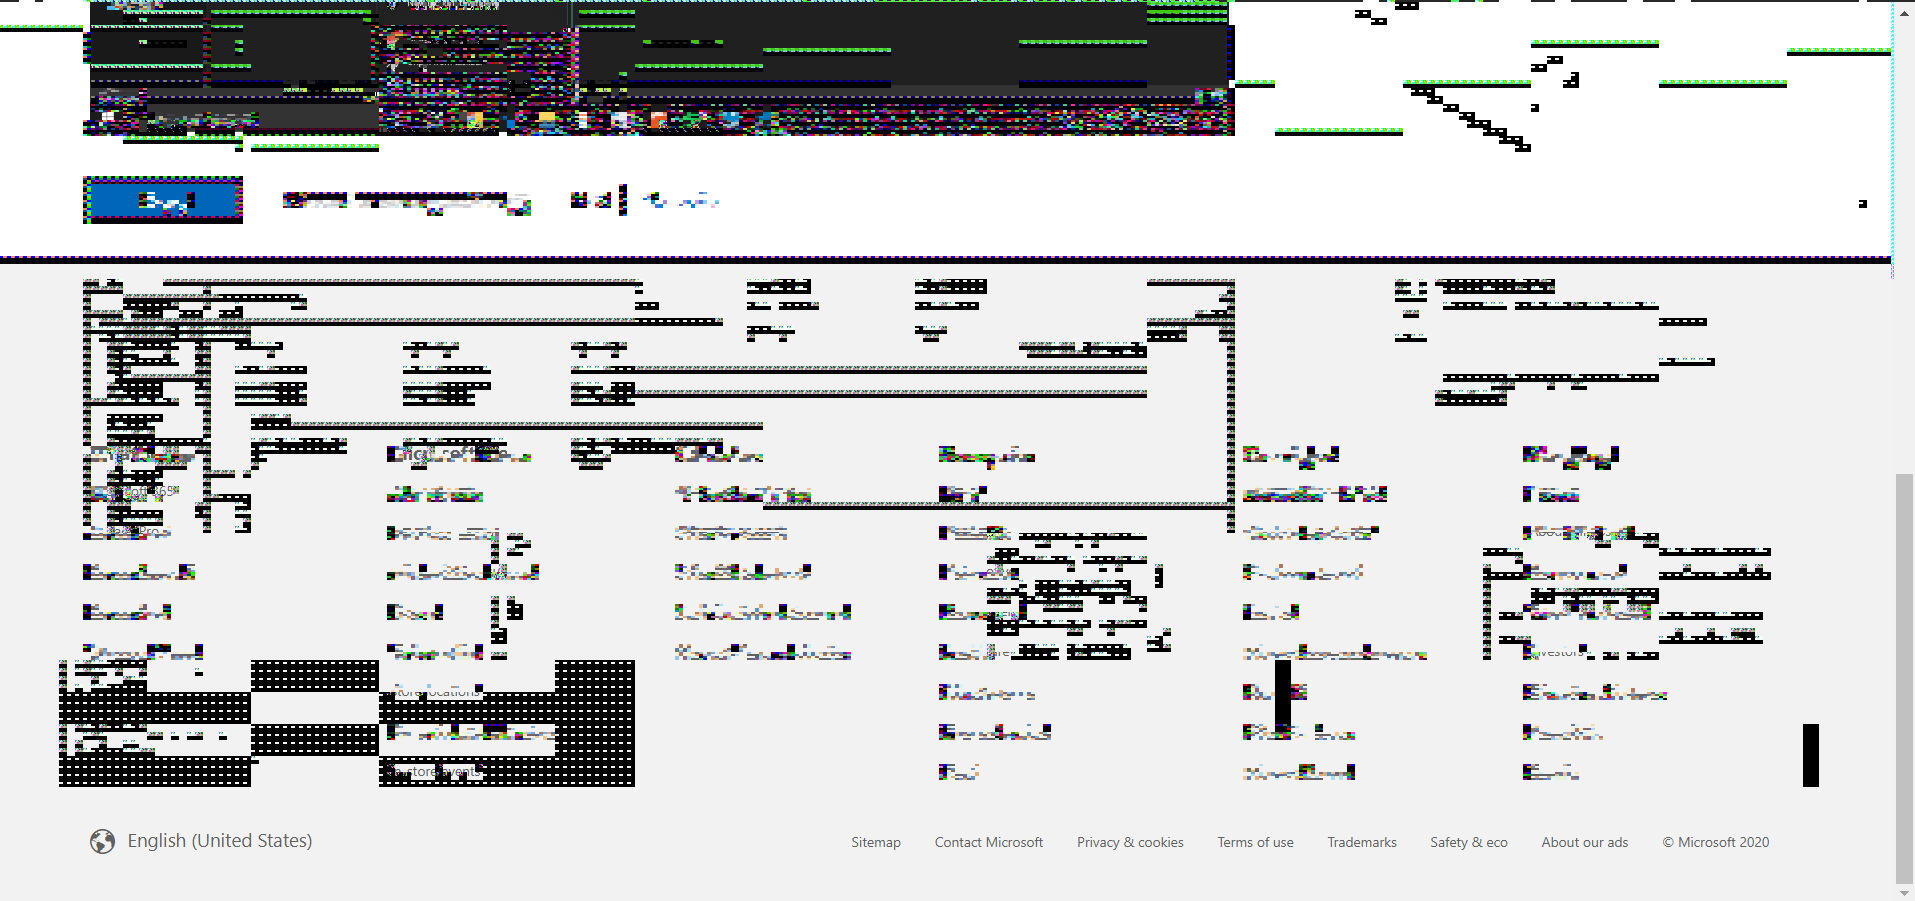 Windows 10 UI glitch 55c3a733-ae60-4de9-aebe-56340d809e46?upload=true.png